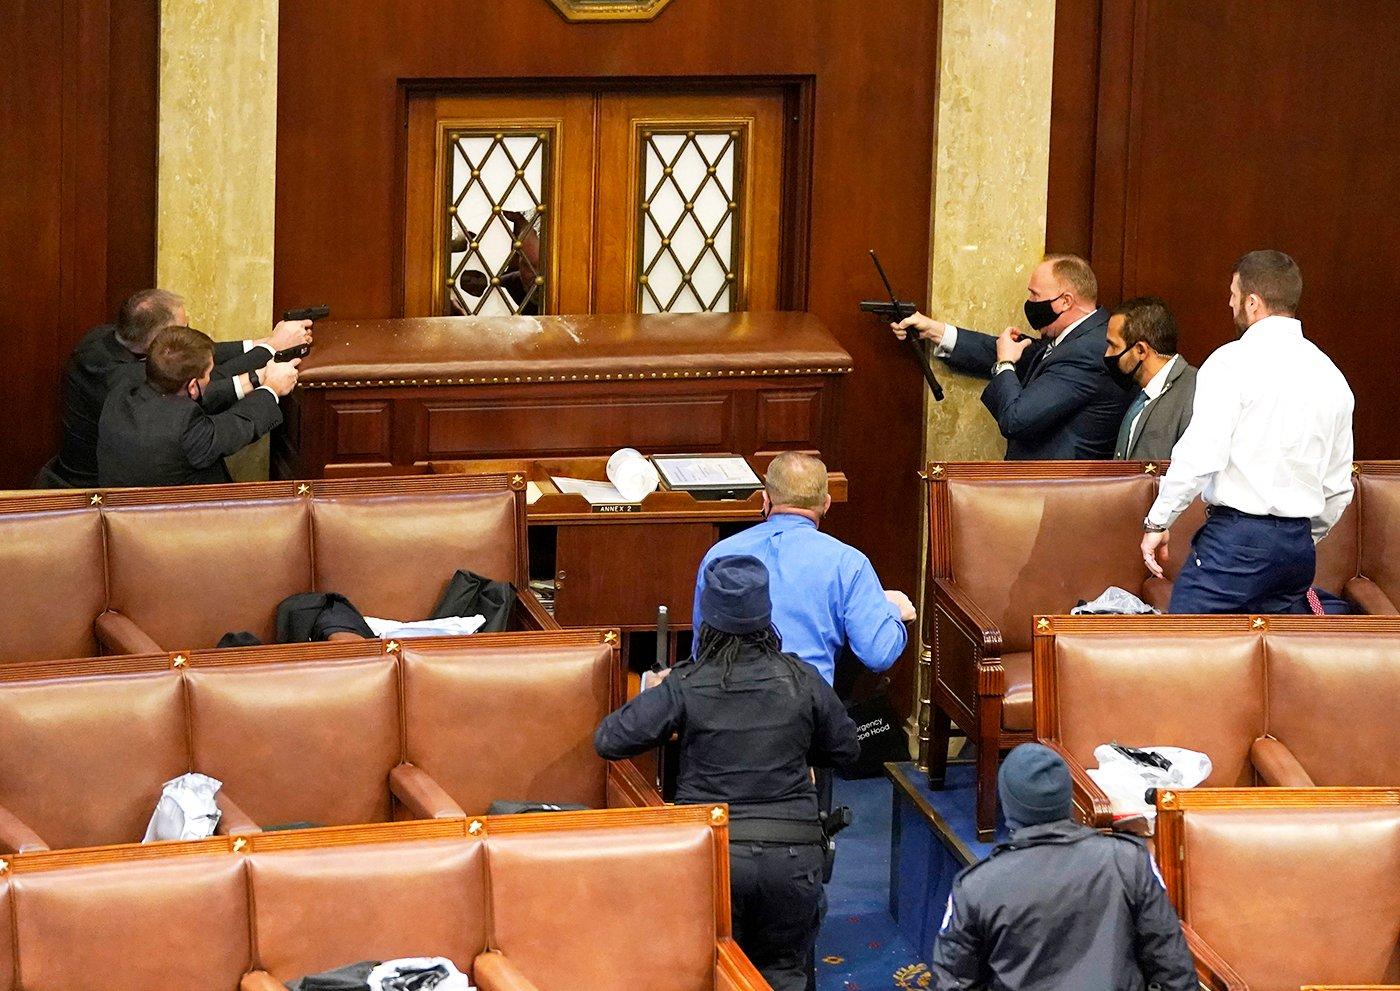 2021年1月6日,美國國會舉行聯席會議認證總統。反對大選舞弊和支持特朗普的民眾議會大樓外聚集。圖為國會山警察舉著槍對著議會大廳的一扇門,門外是衝進大樓的抗議者。(Drew Angerer/Getty Images)